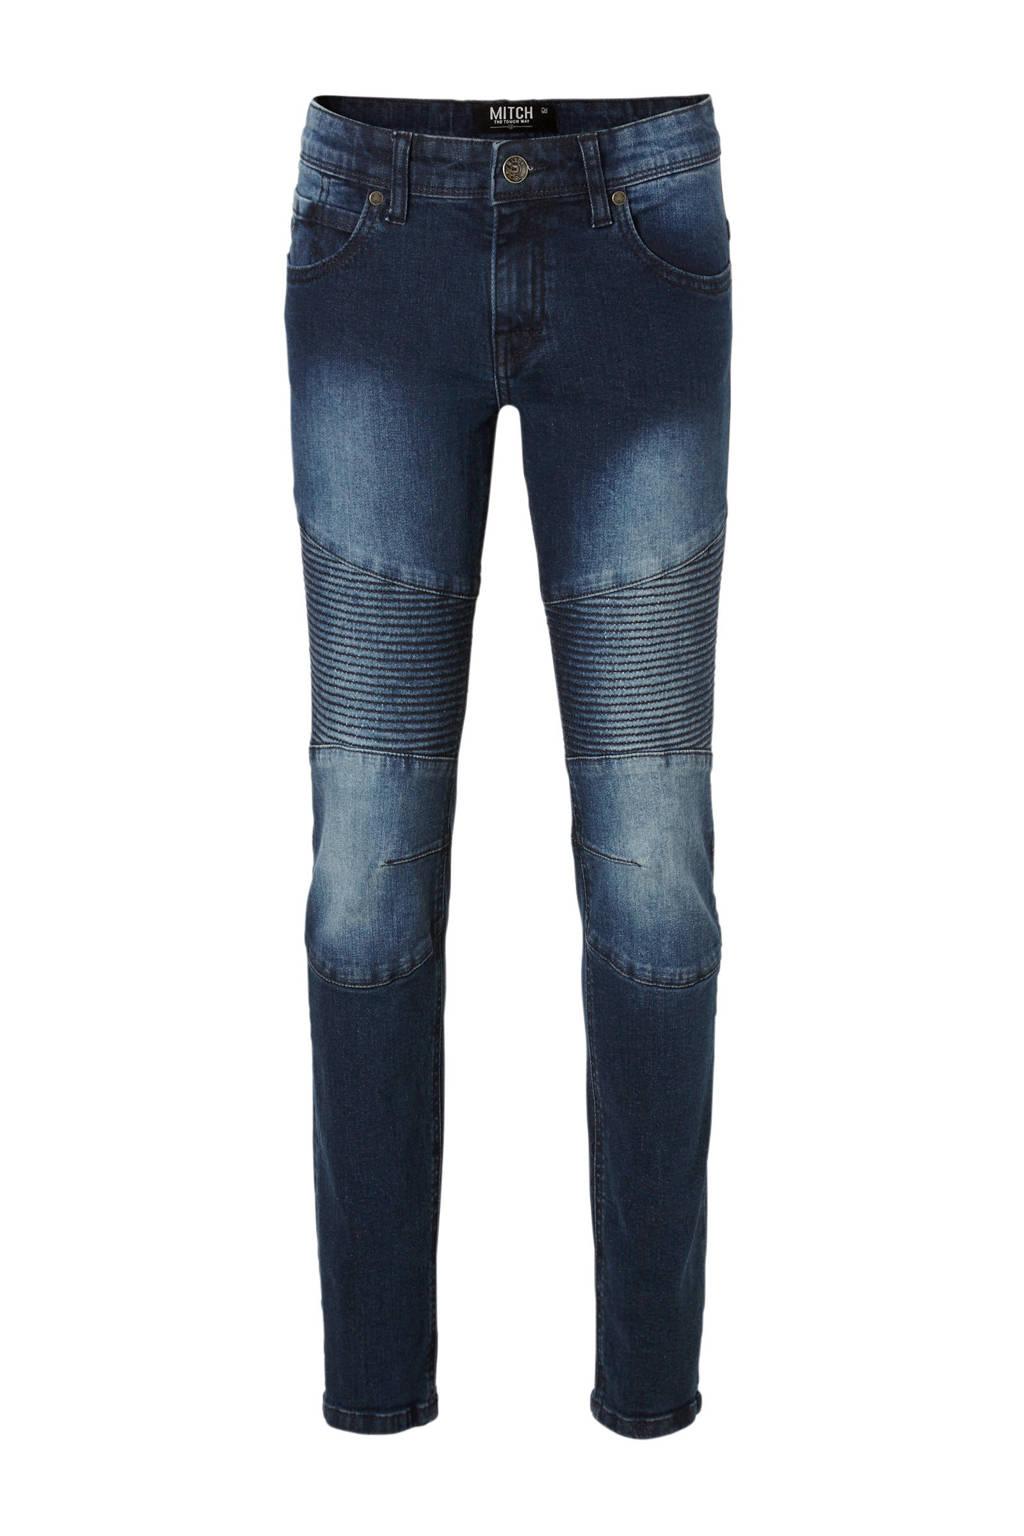 Mitch regular fit jeans Panther, Dark denim